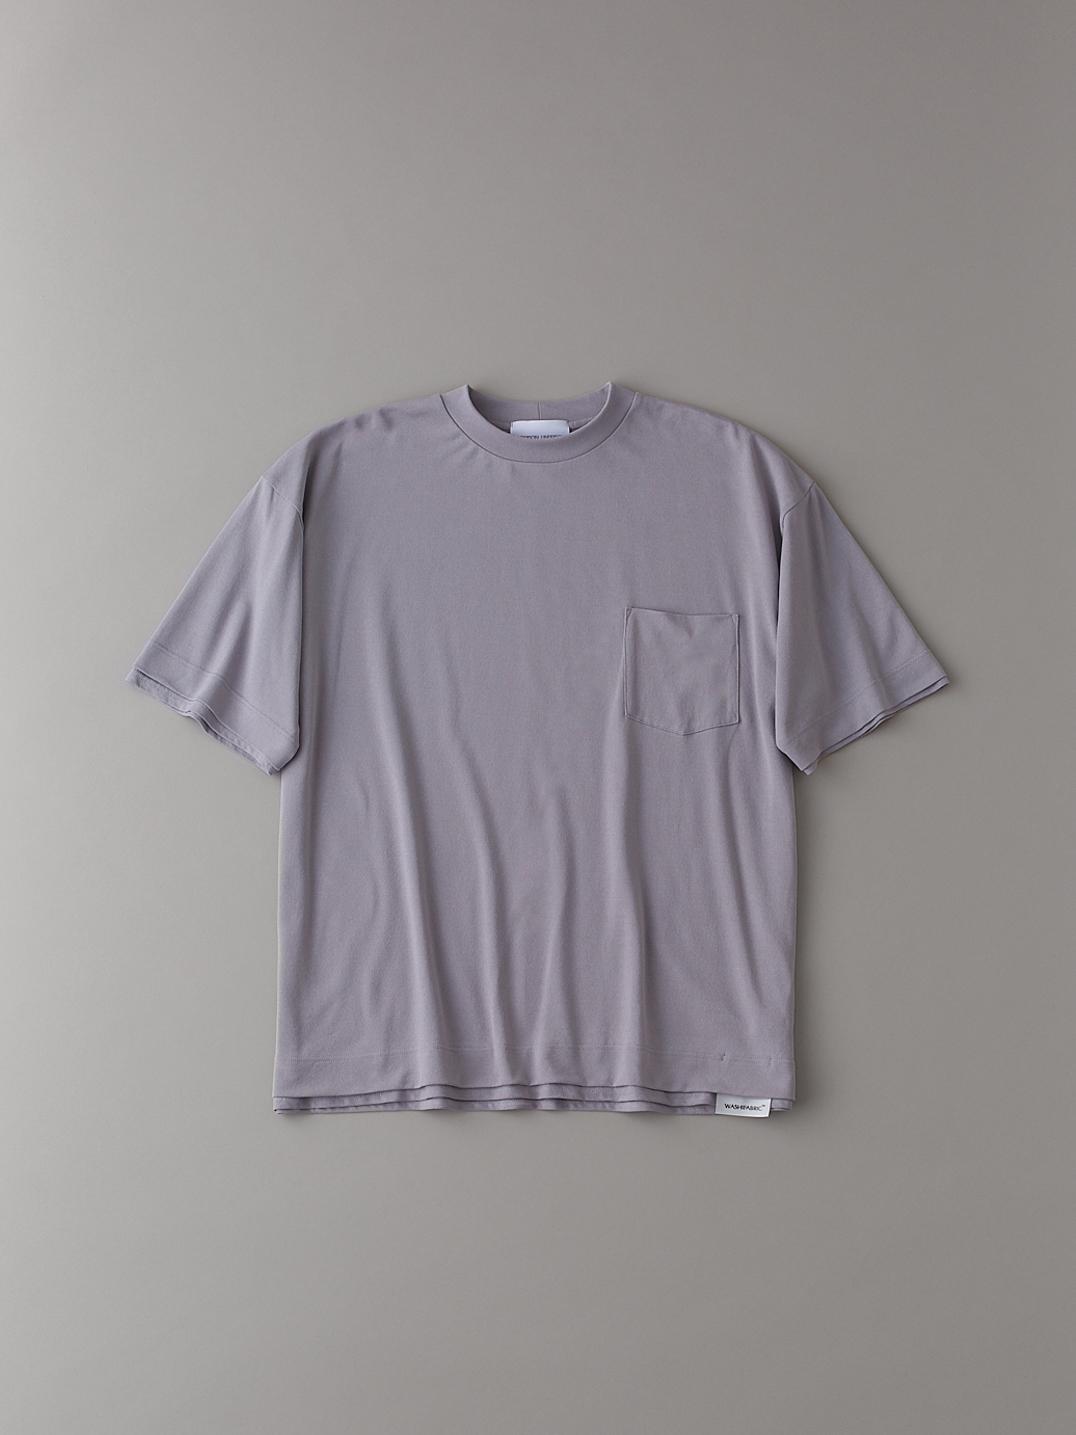 オールダブルTシャツ【メンズ】(LILAC-1)